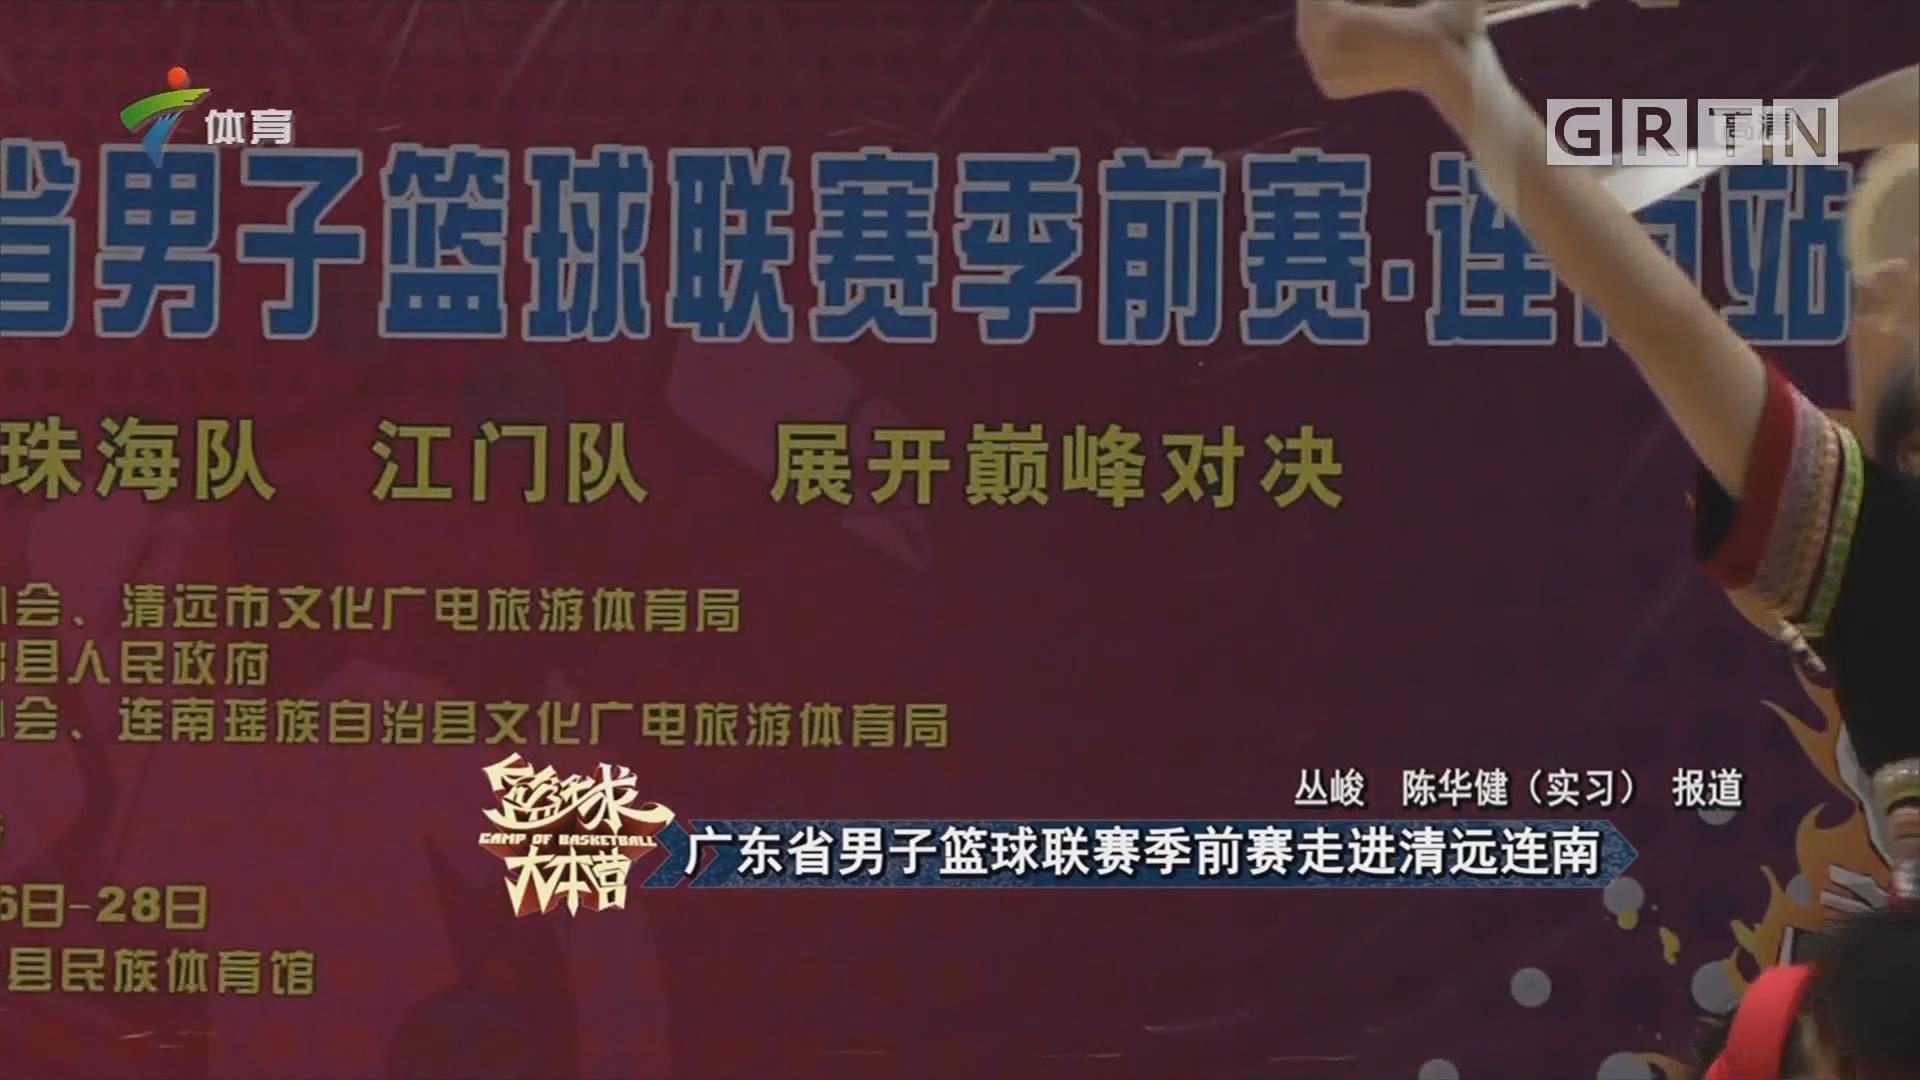 广东省男子篮球联赛季前赛走进清远连南